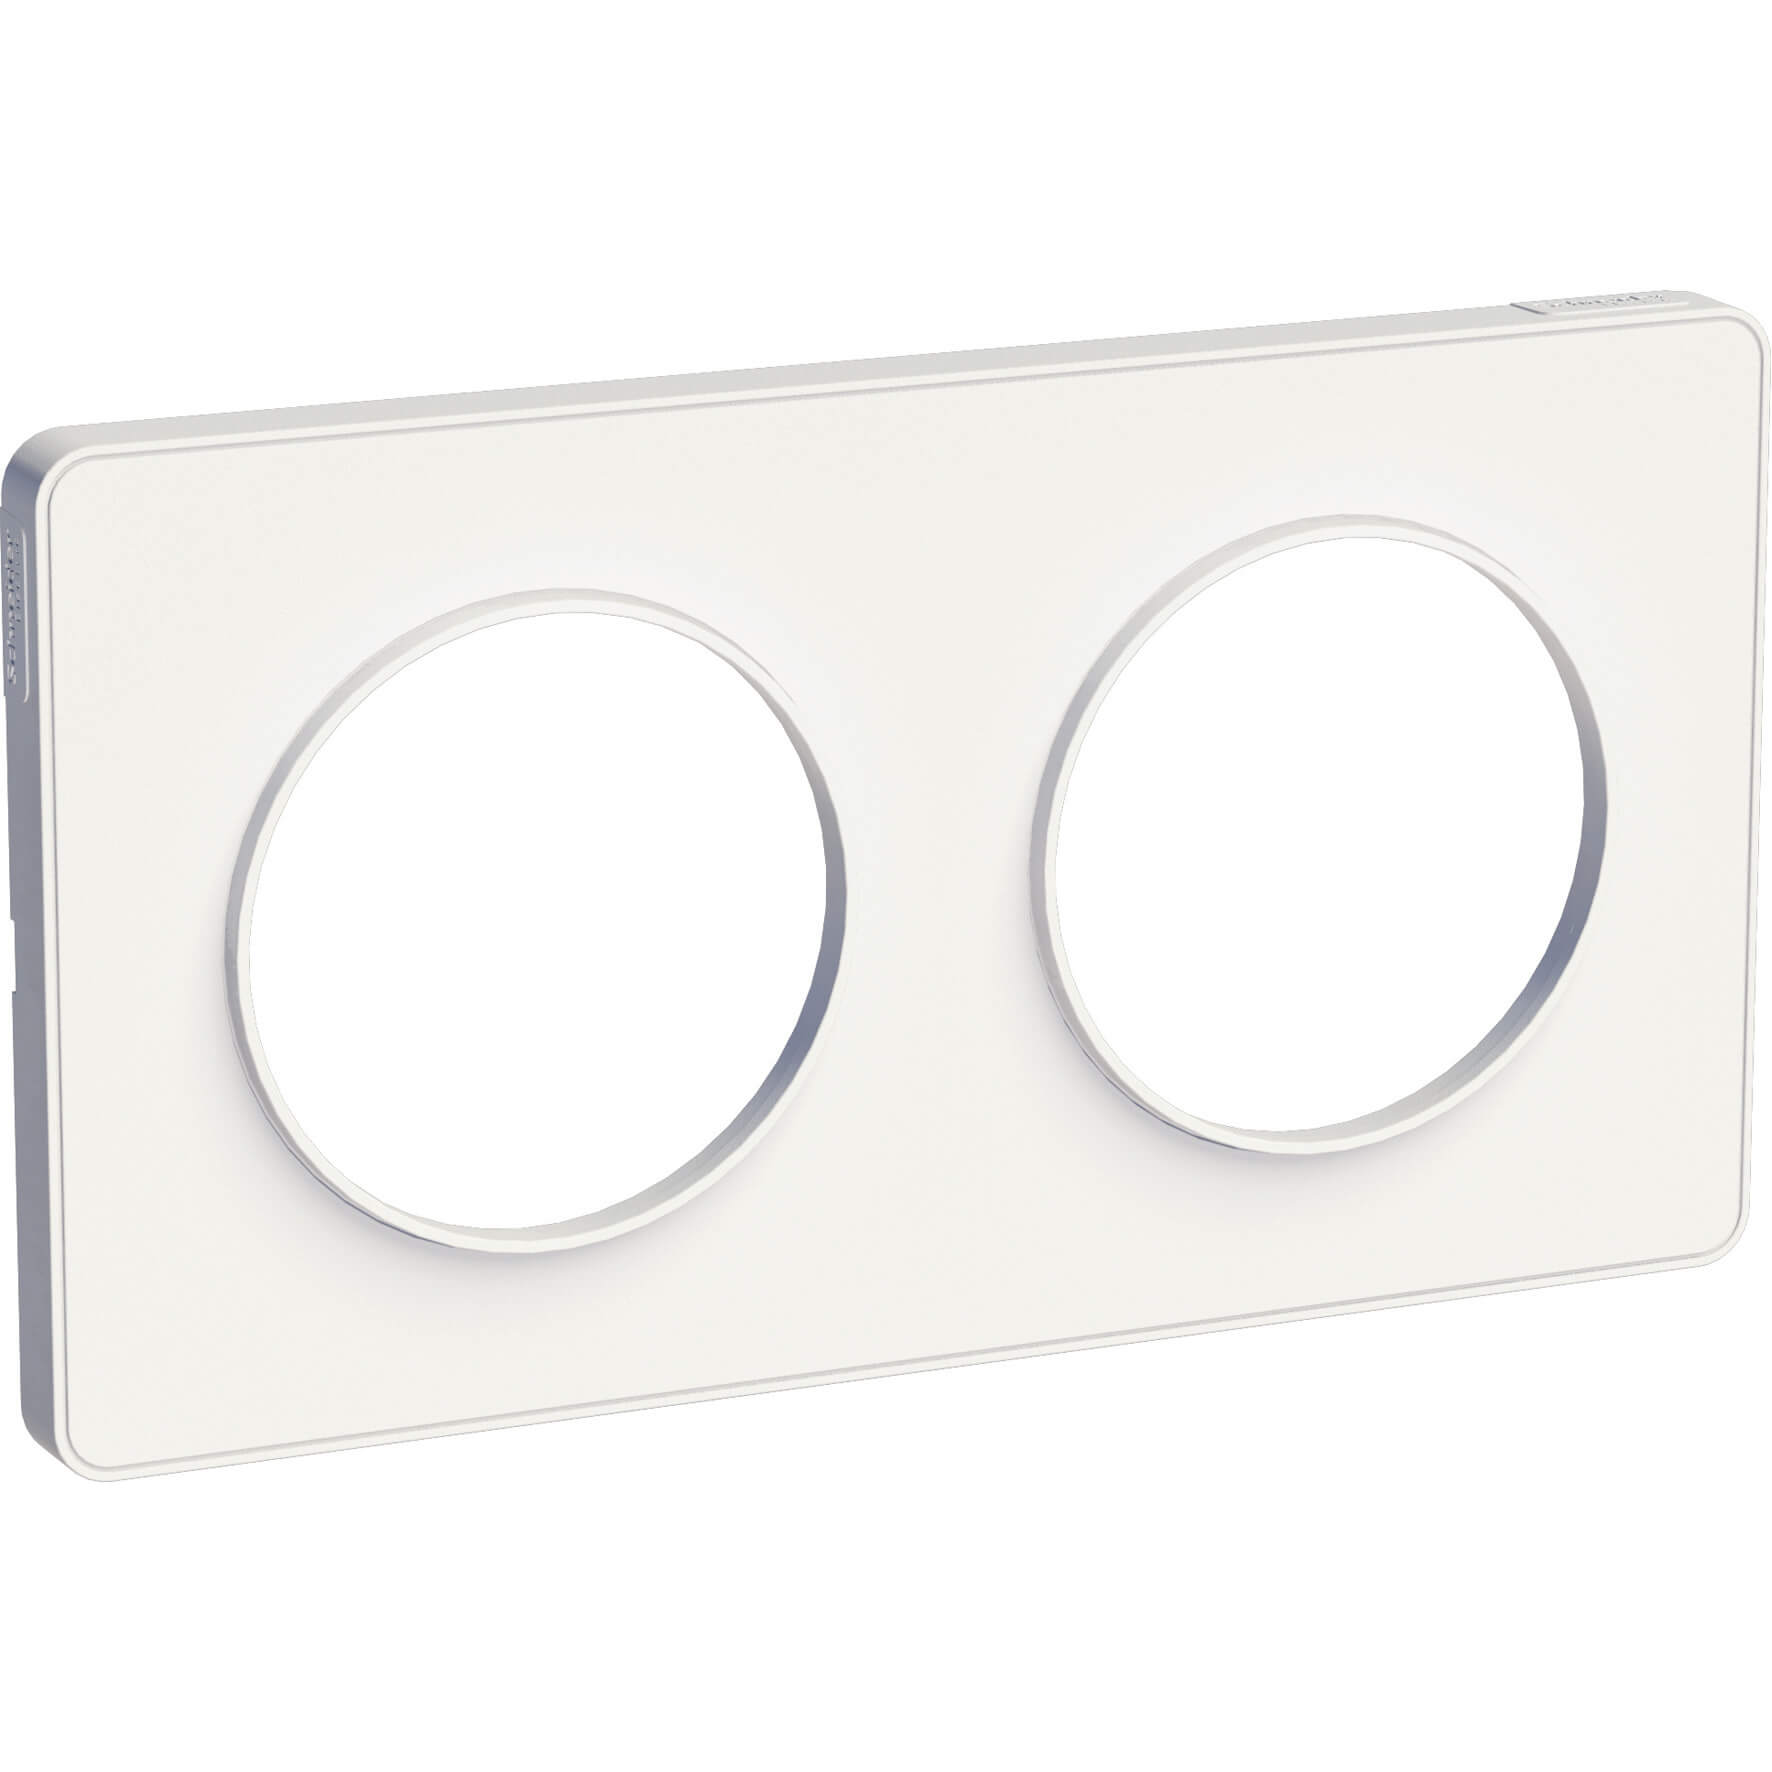 Schneider-Merten Odace Touch afdekraam 2-voudig - wit (S520804)